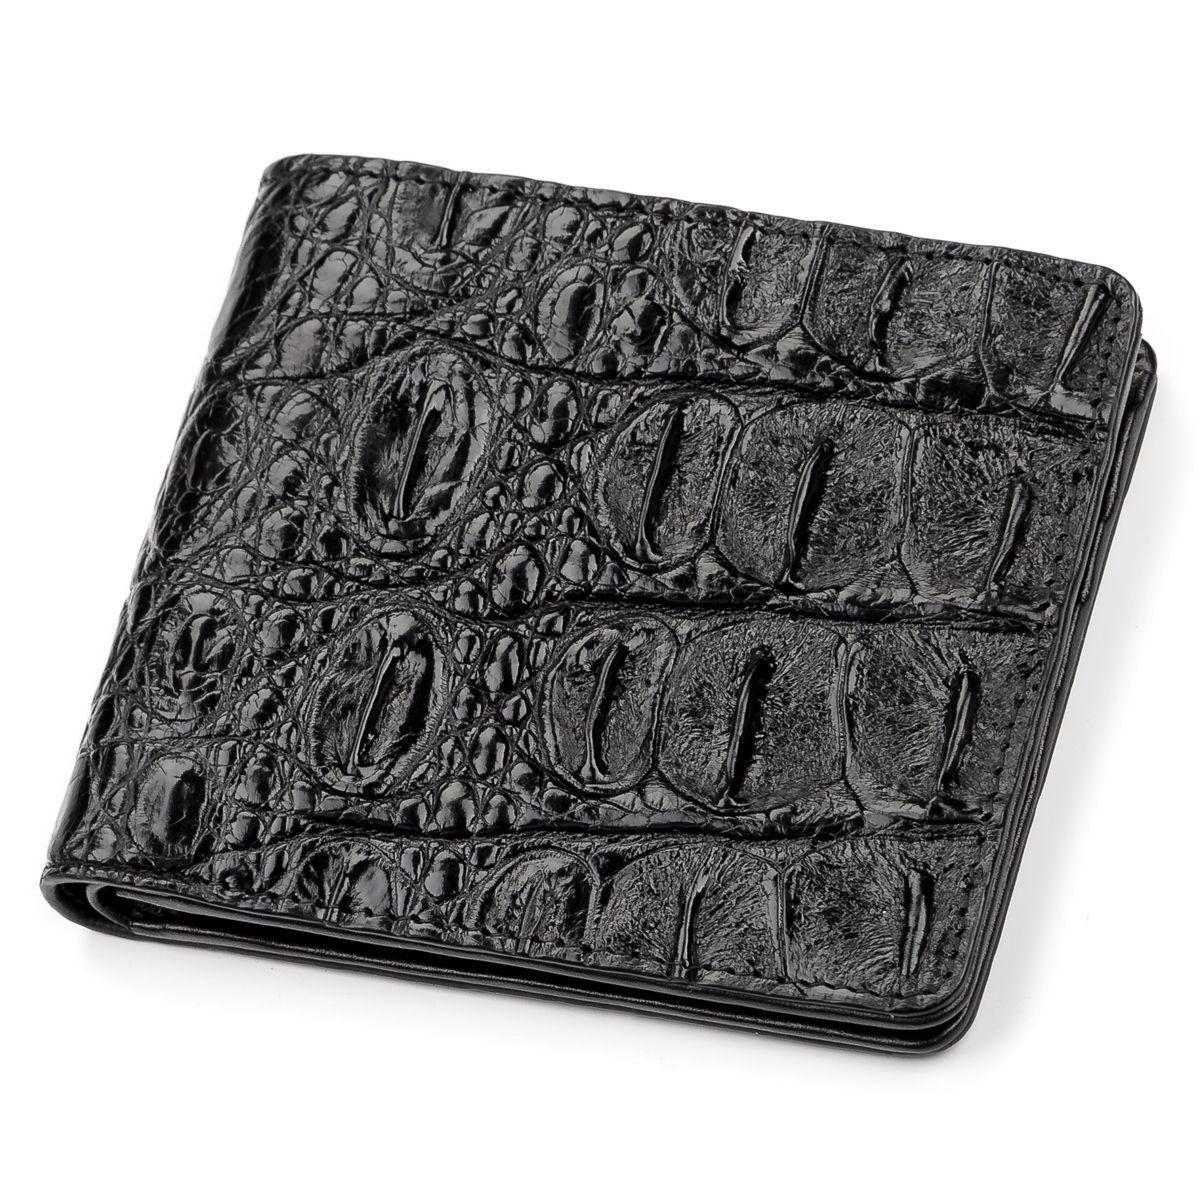 Портмоне CROCODILE LEATHER 18045 из натуральной кожи крокодила Черное